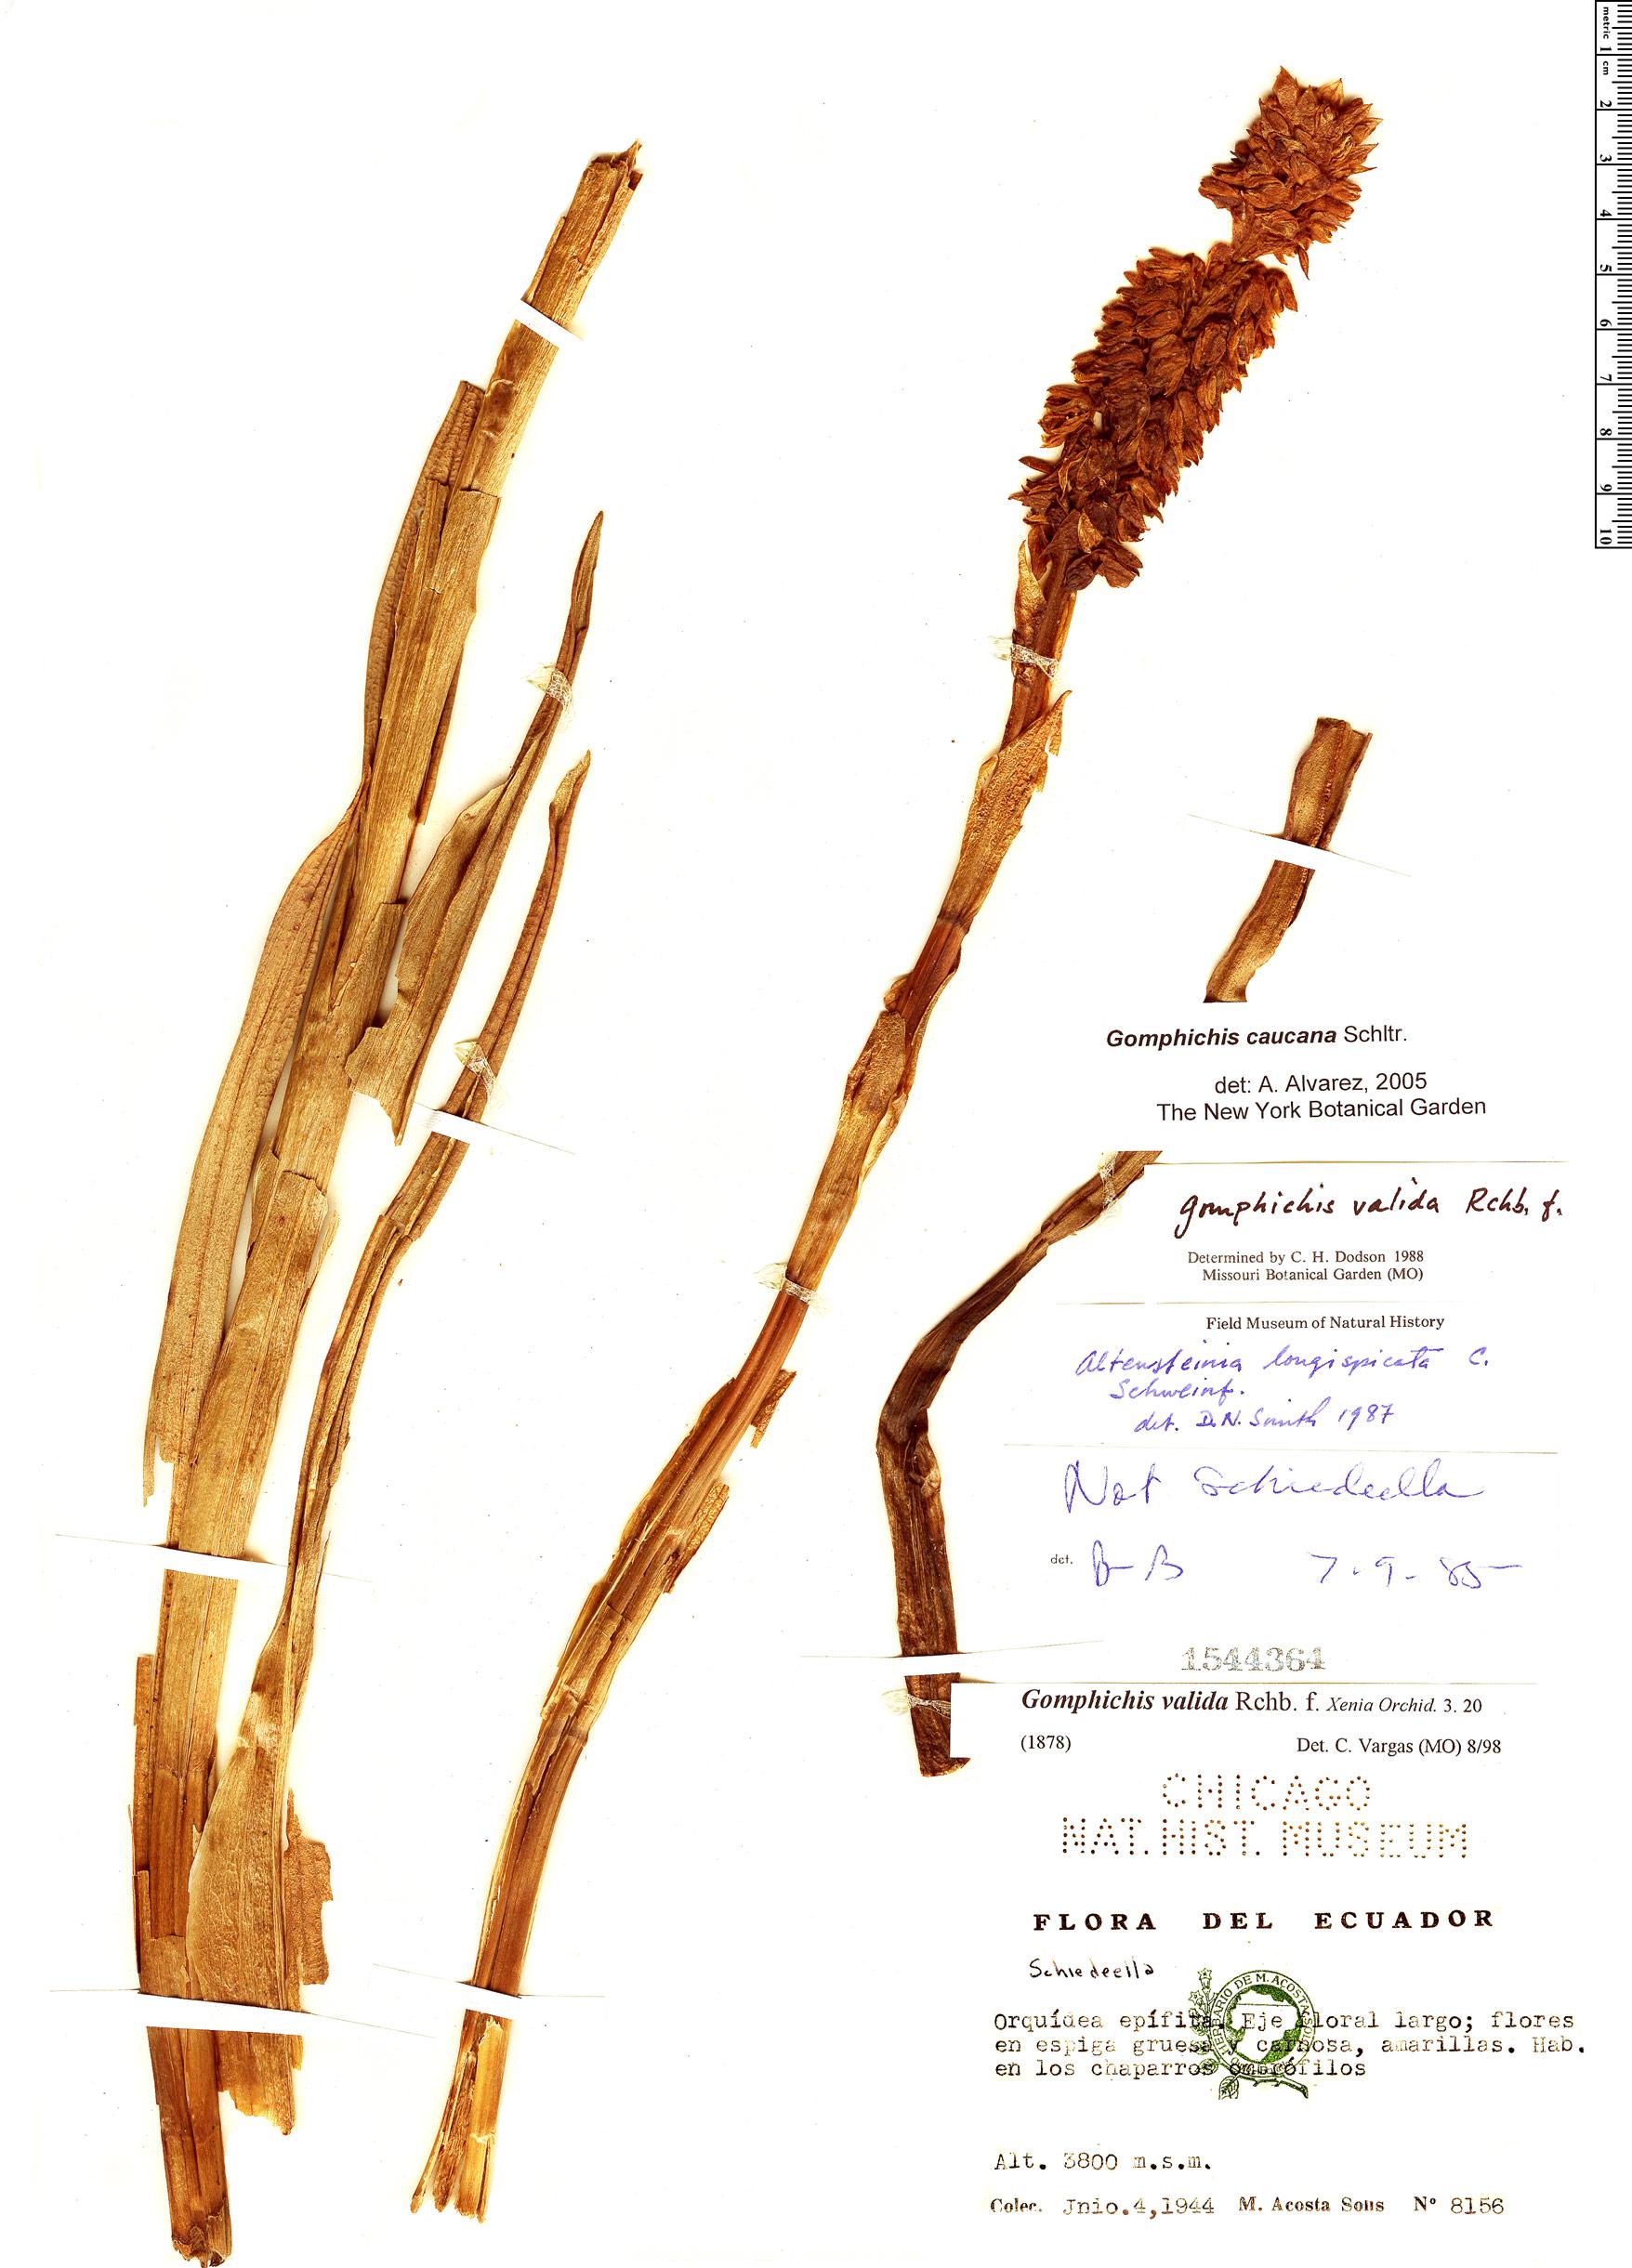 Specimen: Gomphichis caucana